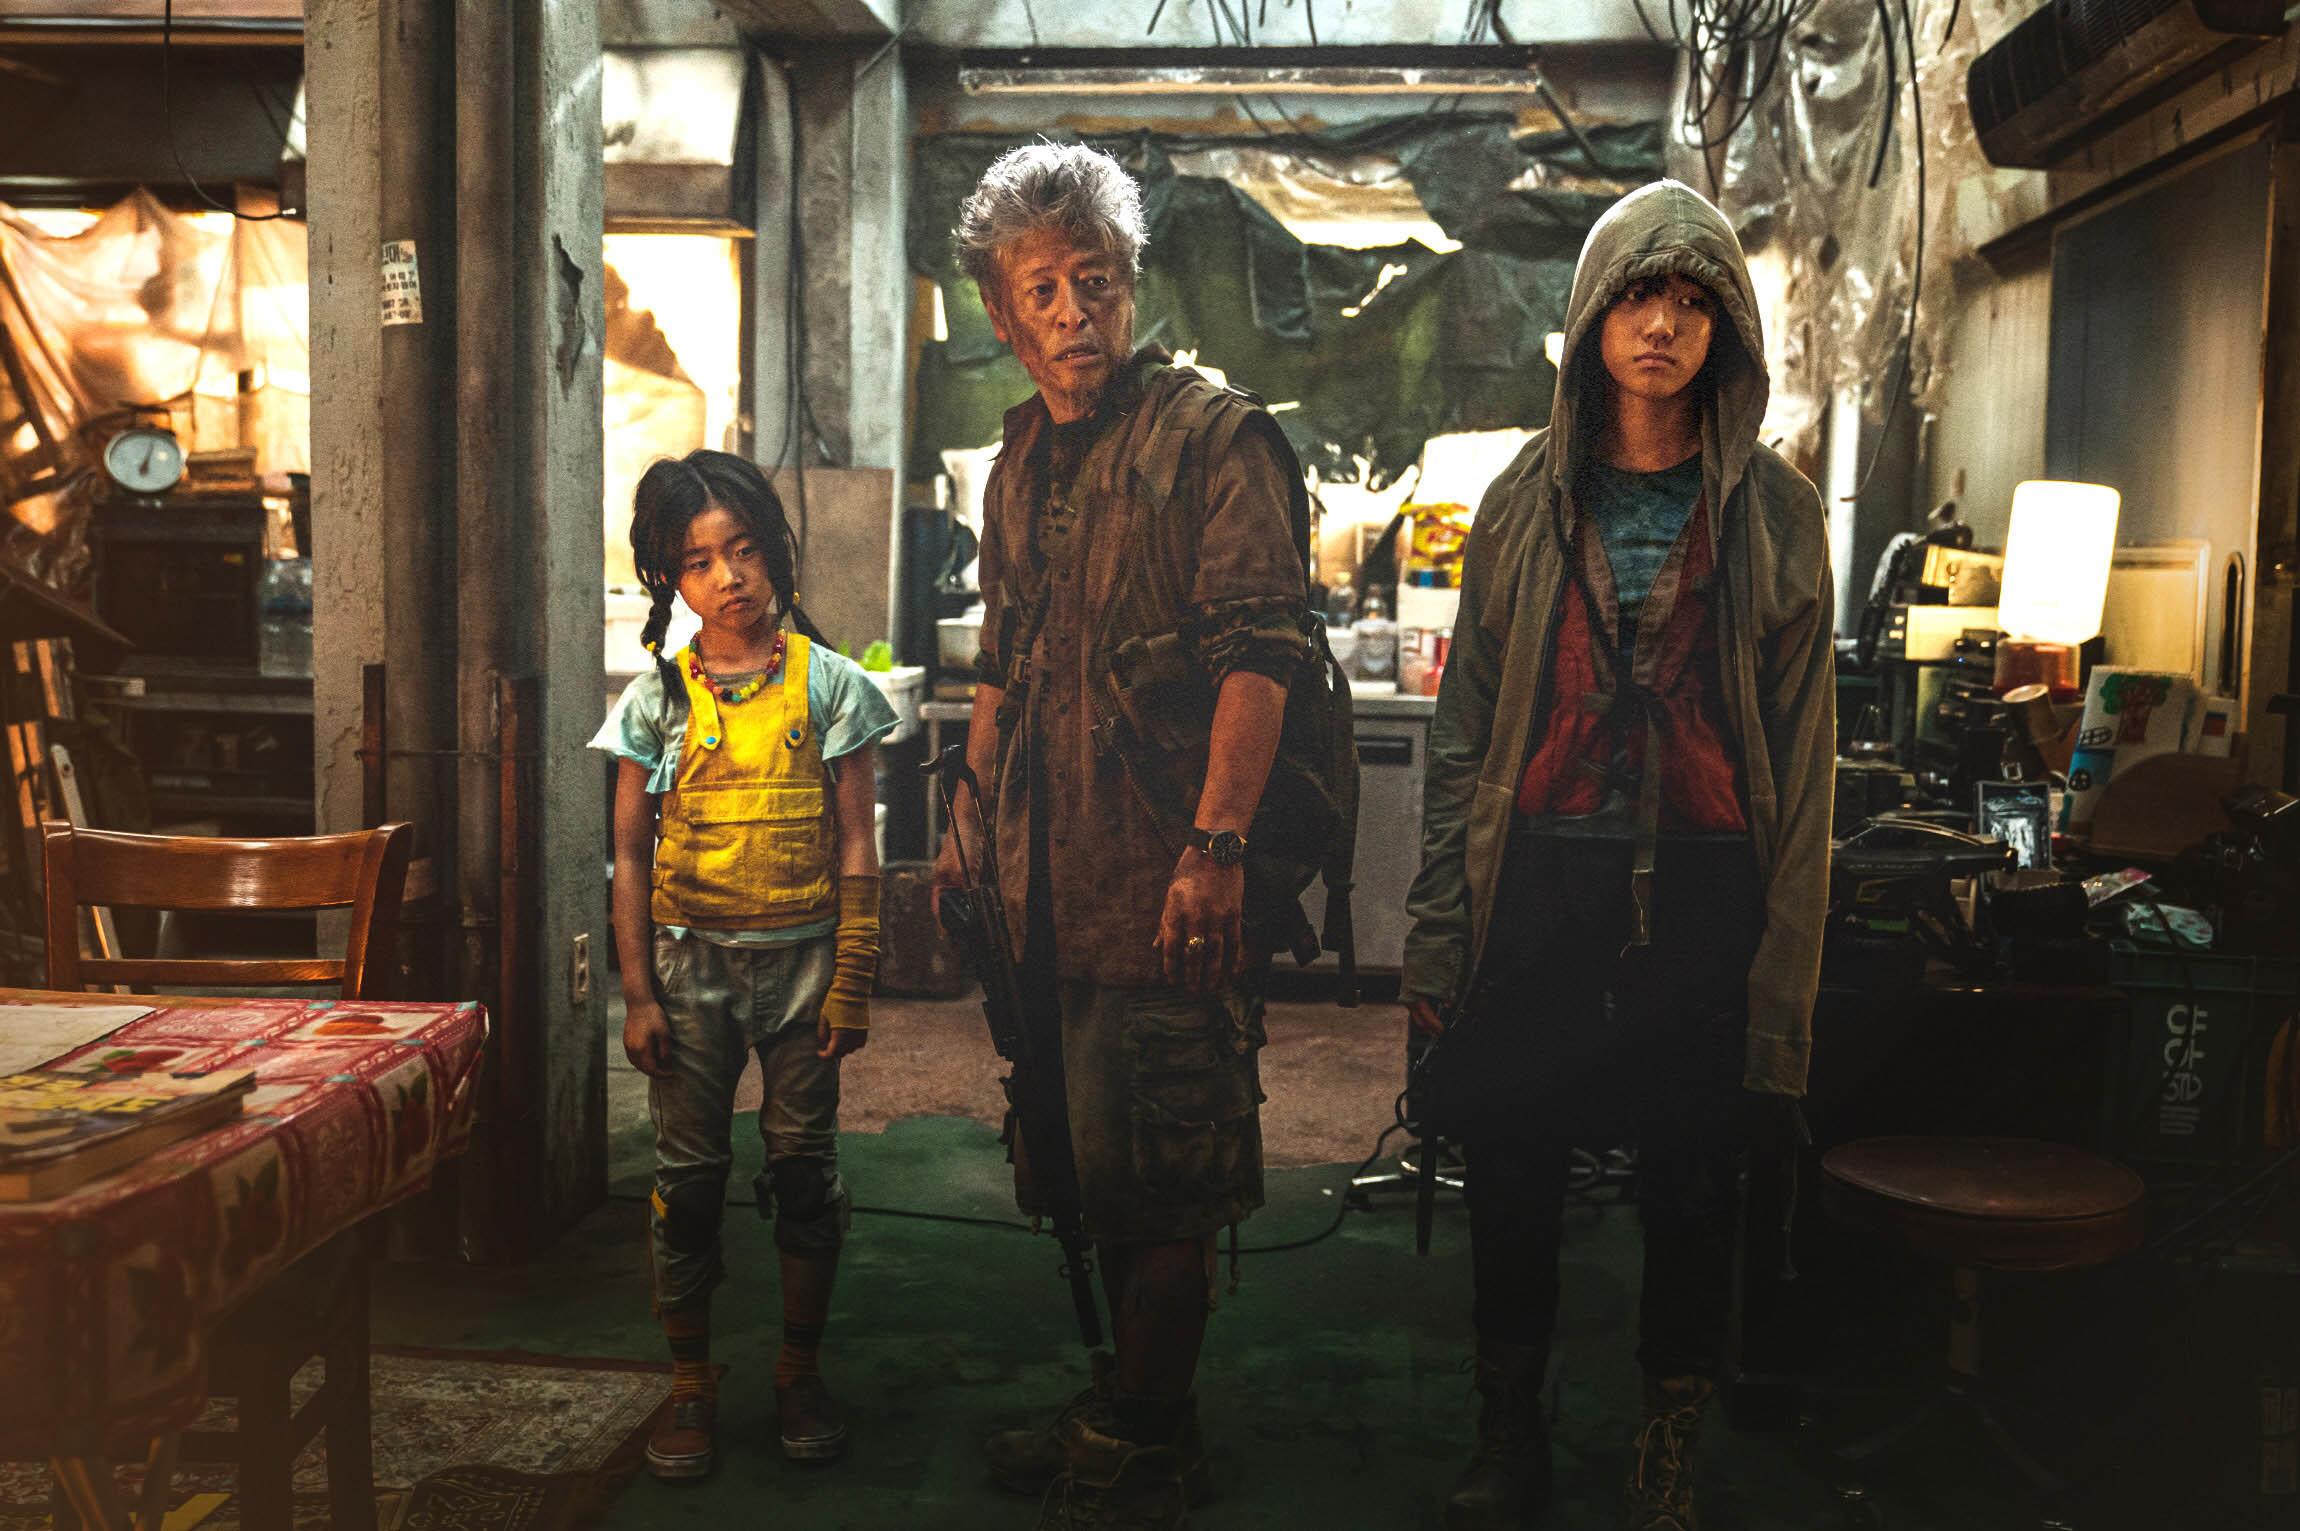 話題作『新感染半島 ファイナル・ステージ』のヒーロー、カン・ドンウォンさん降臨_1_4-3